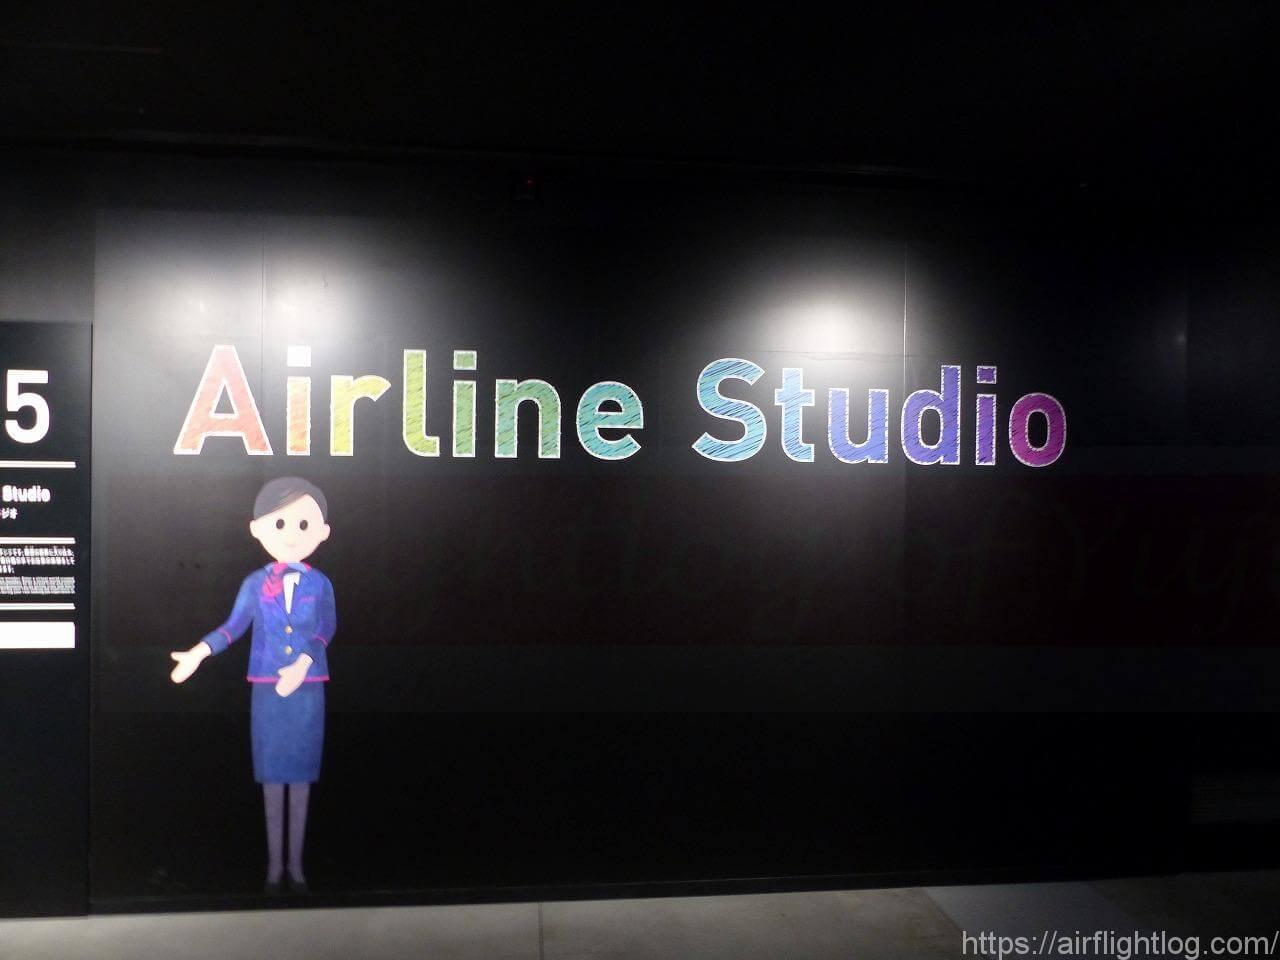 「FLIGHT OF DREAMS(フライト・オブ・ドリームズ)」エアラインスタジオ